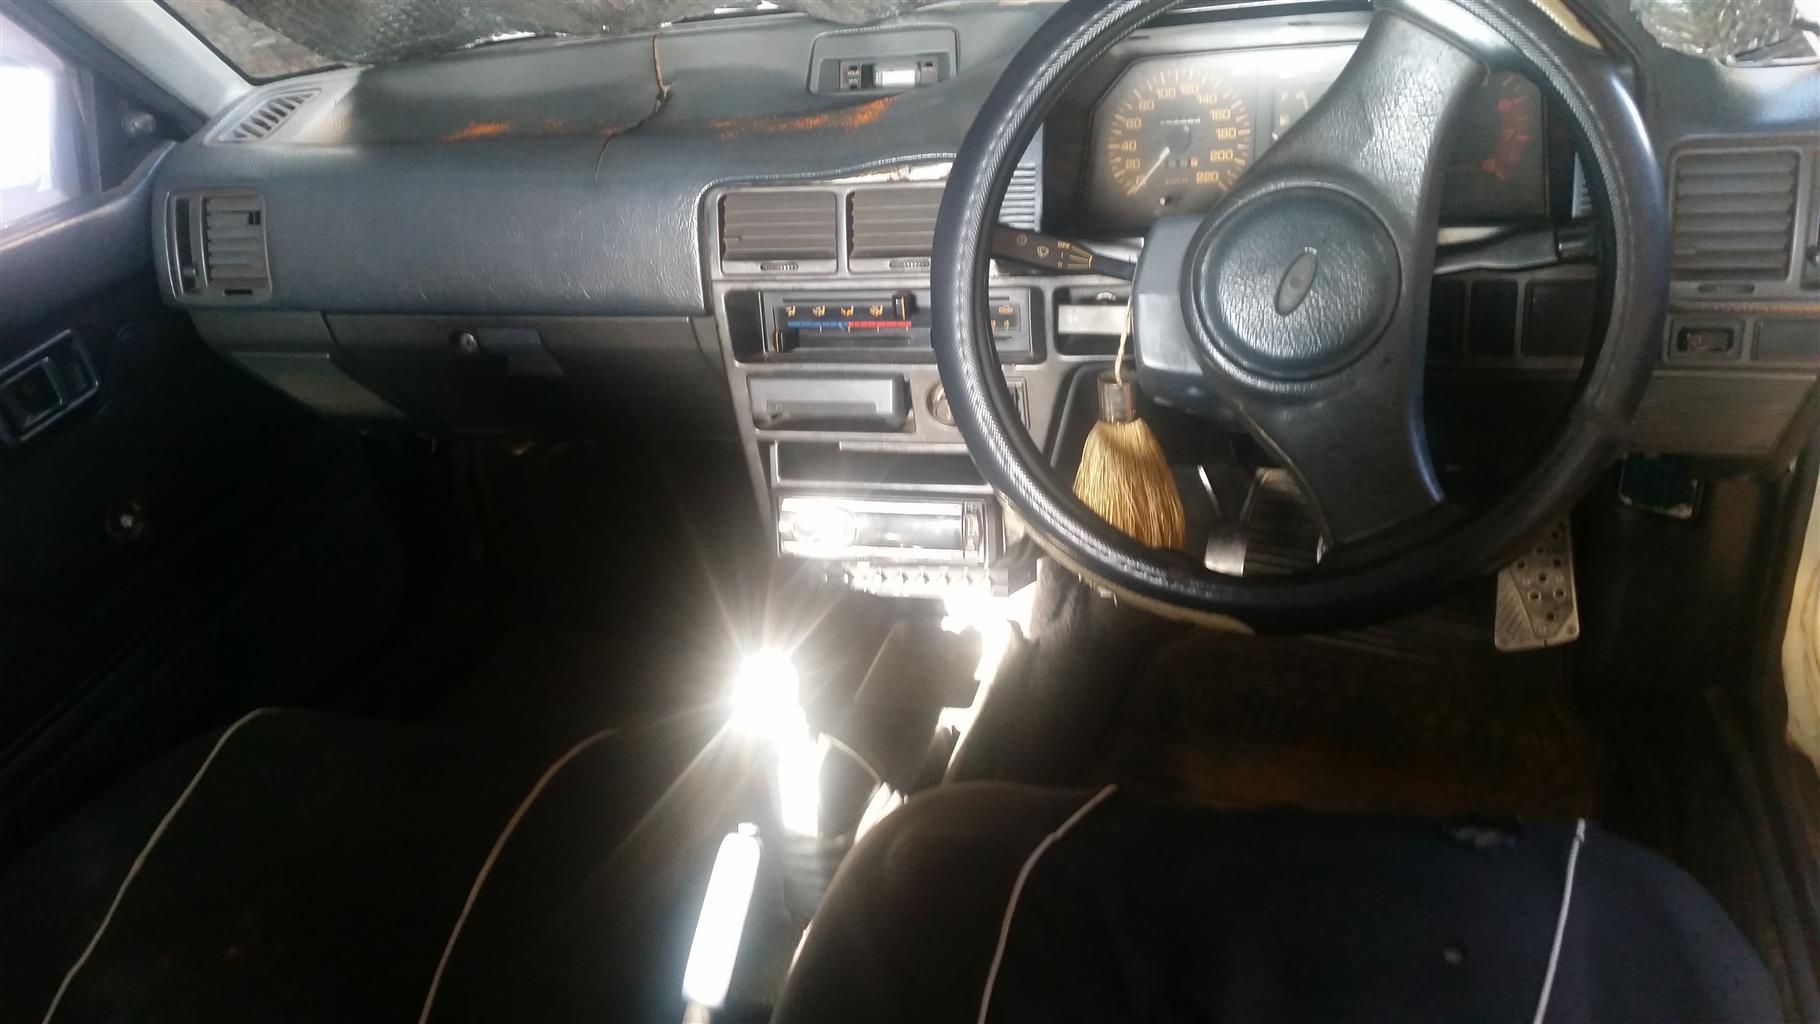 1992 Ford Laser